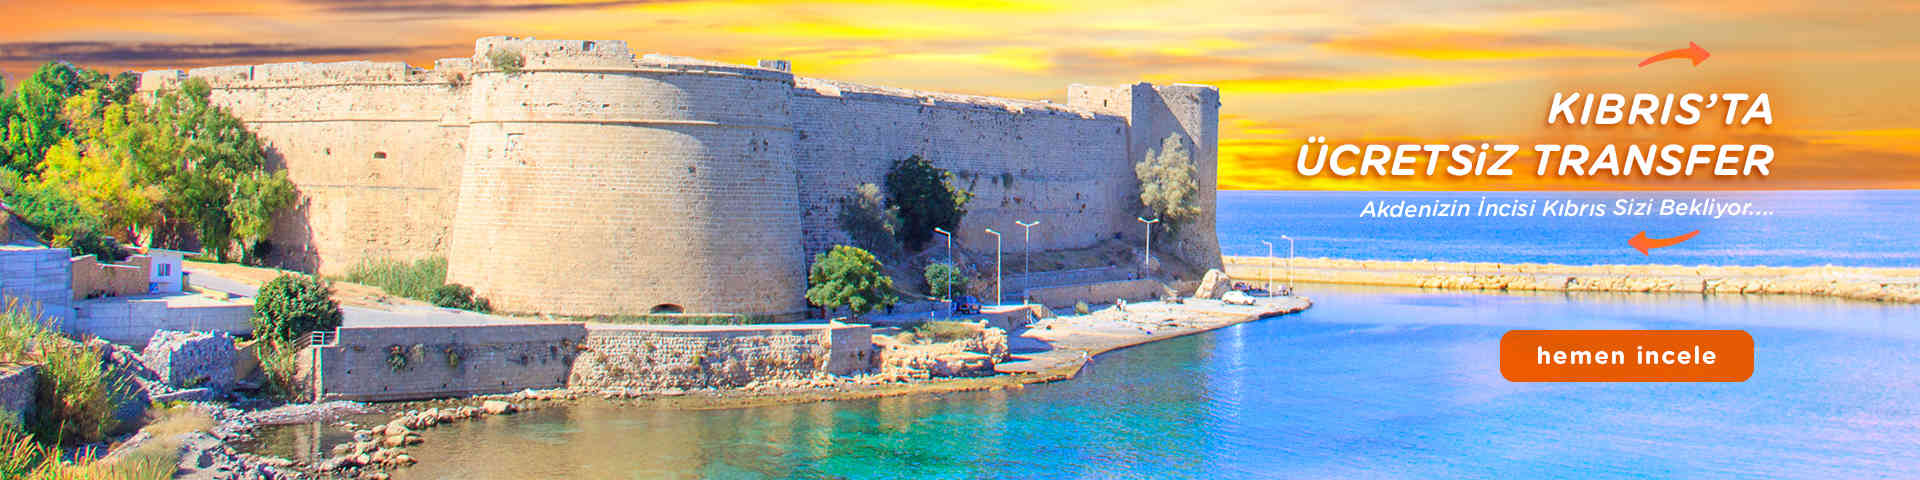 Kıbrıs'ta Ücretsiz Transfer